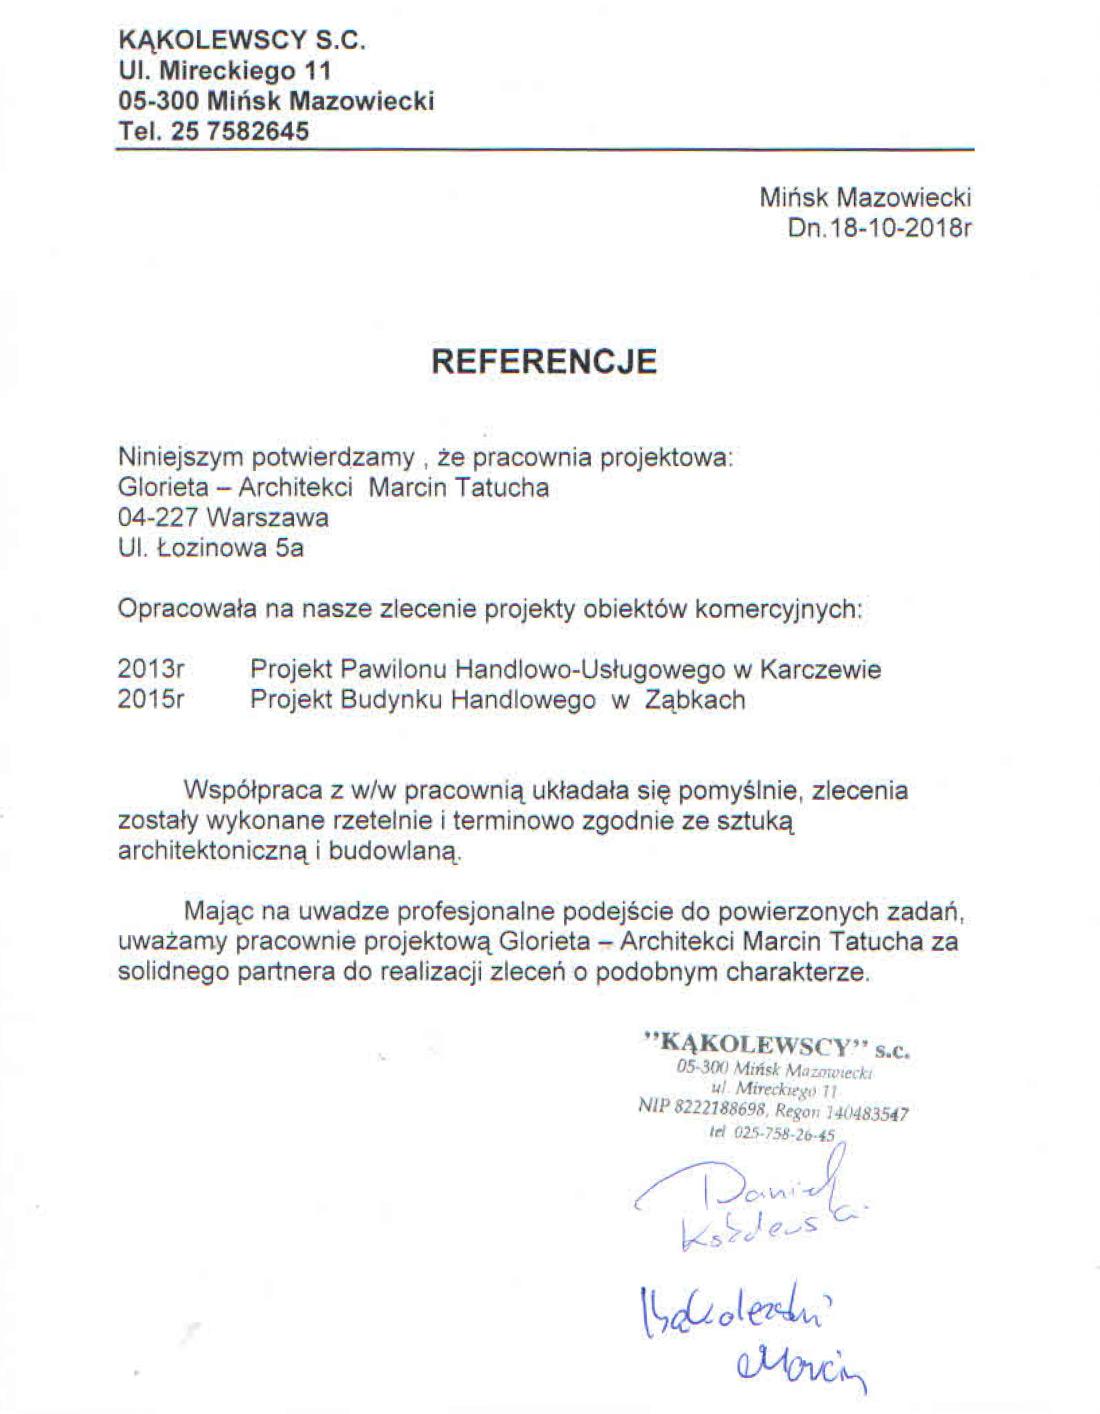 Referencje_Minsk-Mazowiecki